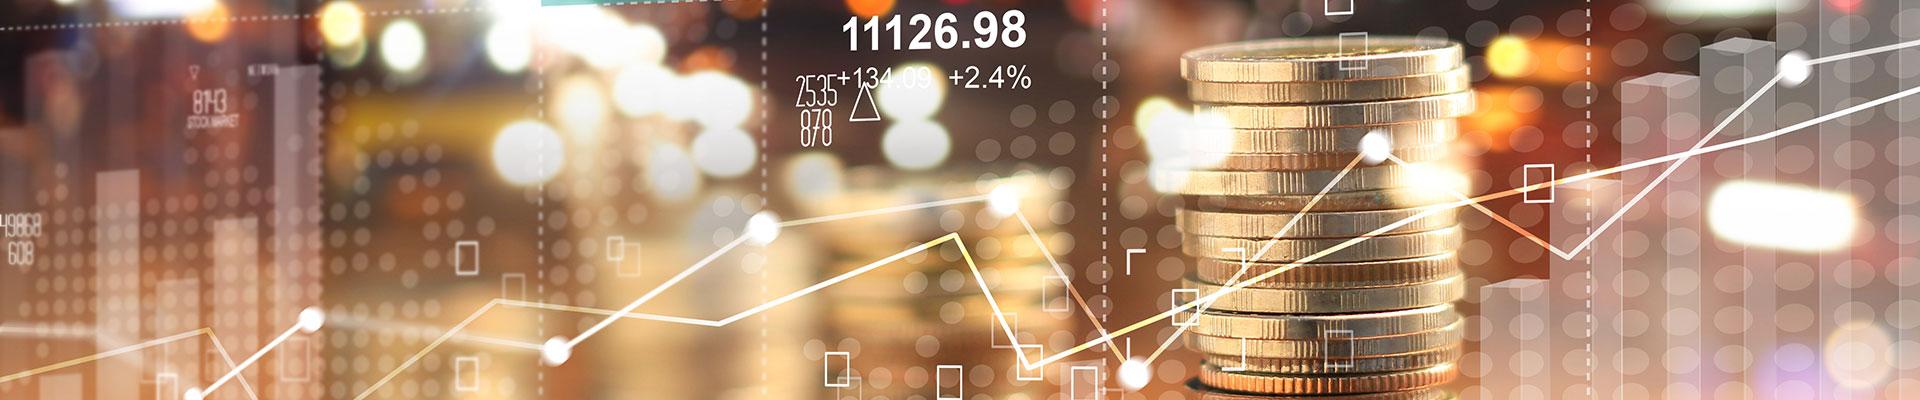 Ekonomi & Finans